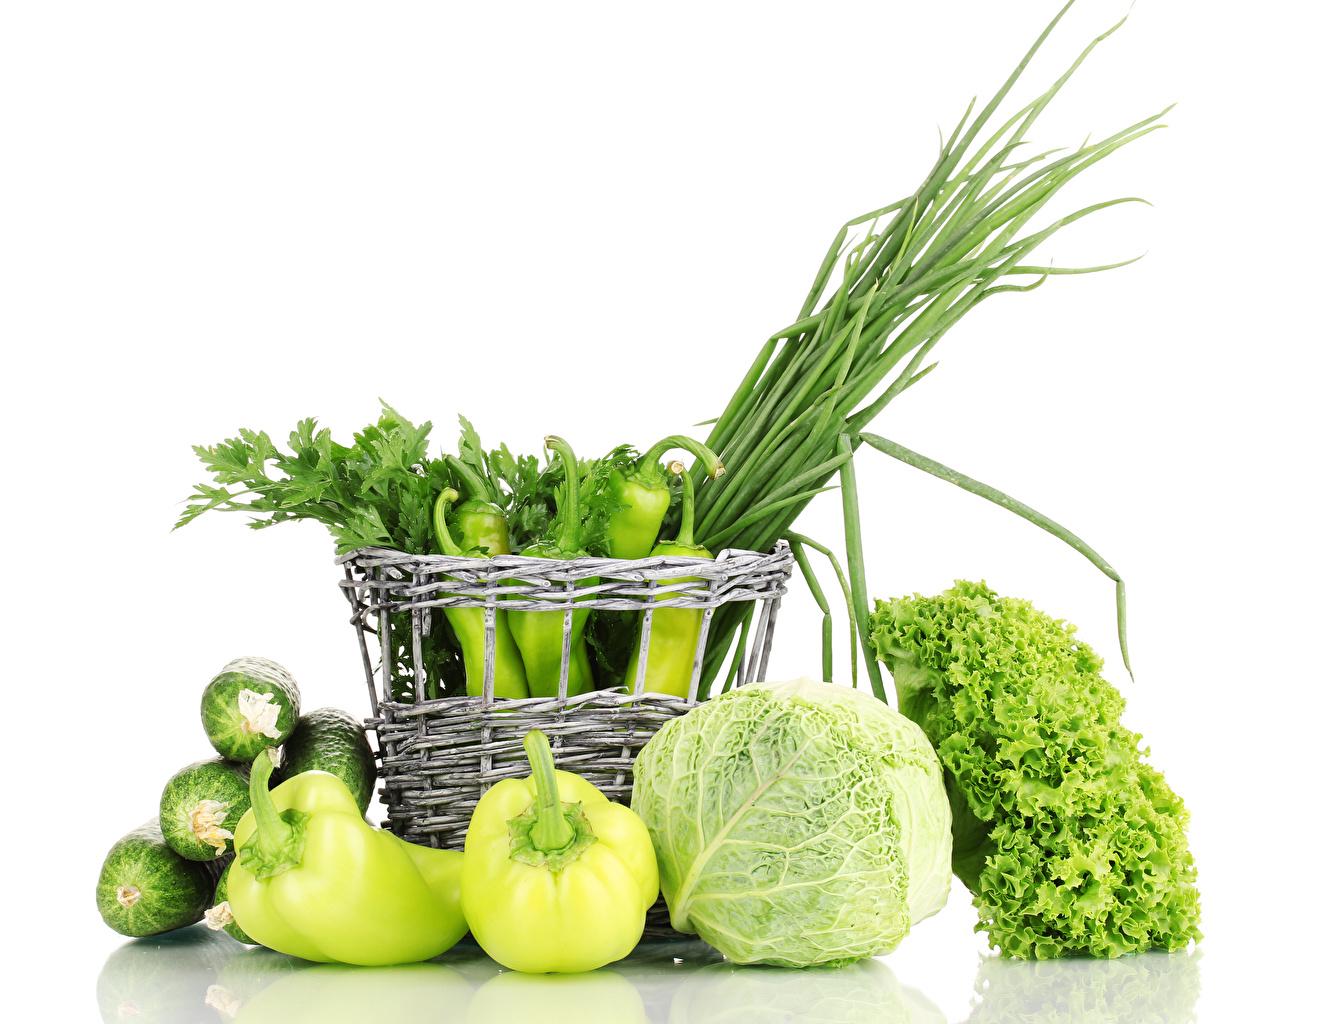 Фото Огурцы Зеленый Капуста корзины Еда Перец Овощи Белый фон зеленых зеленые зеленая Корзина Корзинка Пища Продукты питания белом фоне белым фоном